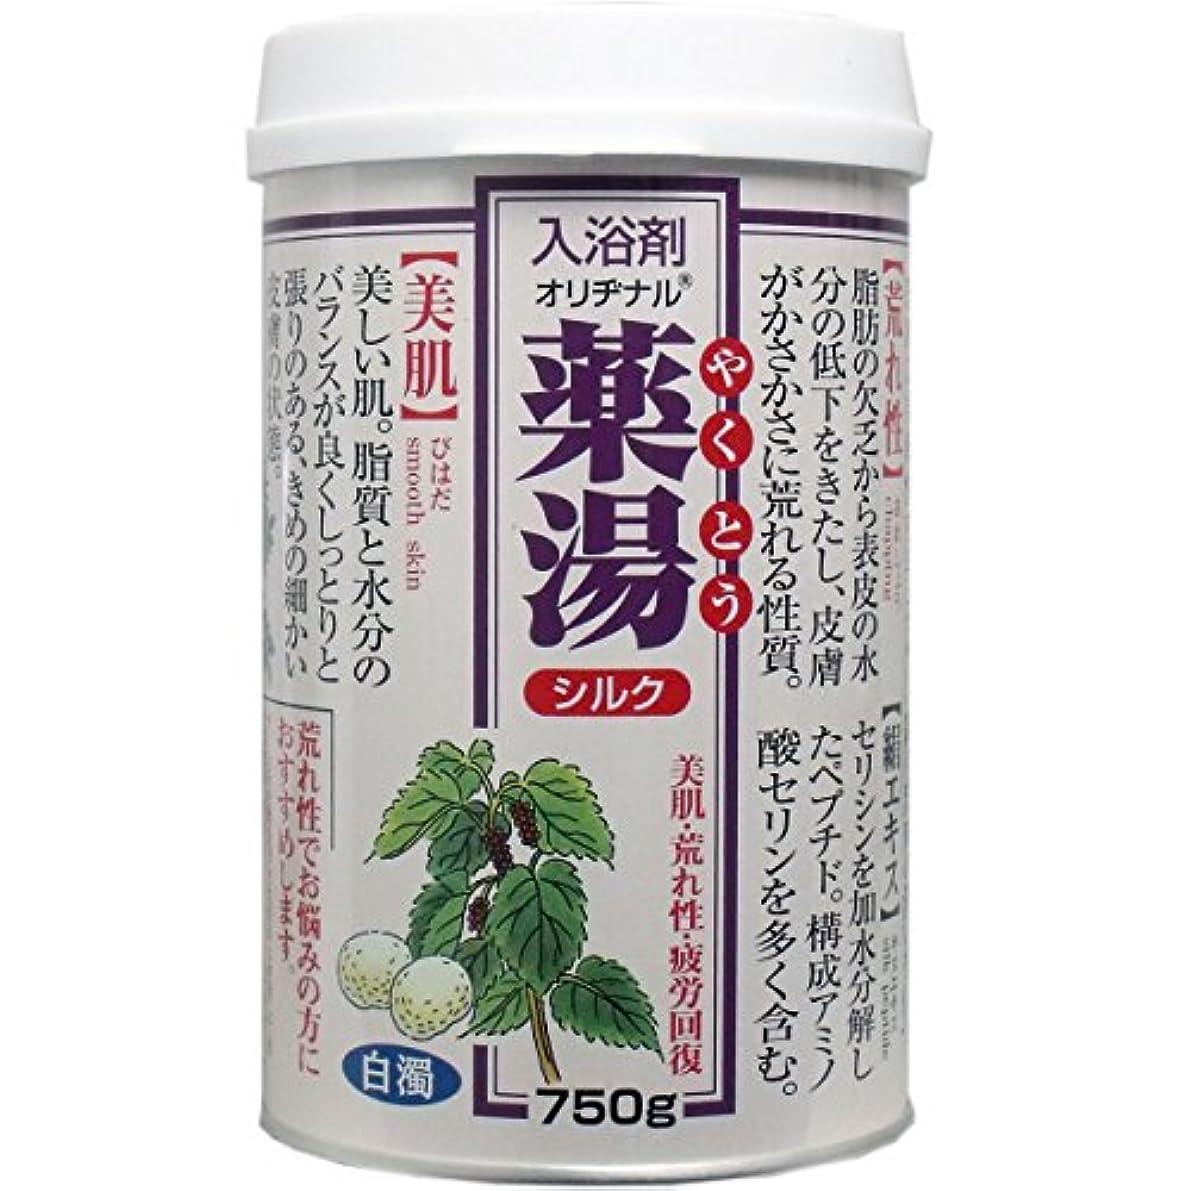 コミュニティ薬局オート【まとめ買い】NEWオリヂナル薬湯 シルク 750g ×2セット